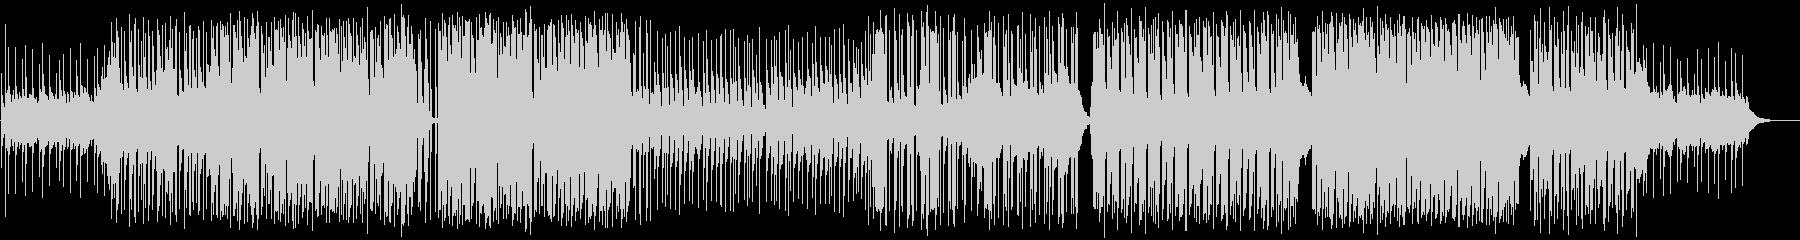 YMO風シンセ遊び。ゆったりとしたBGMの未再生の波形